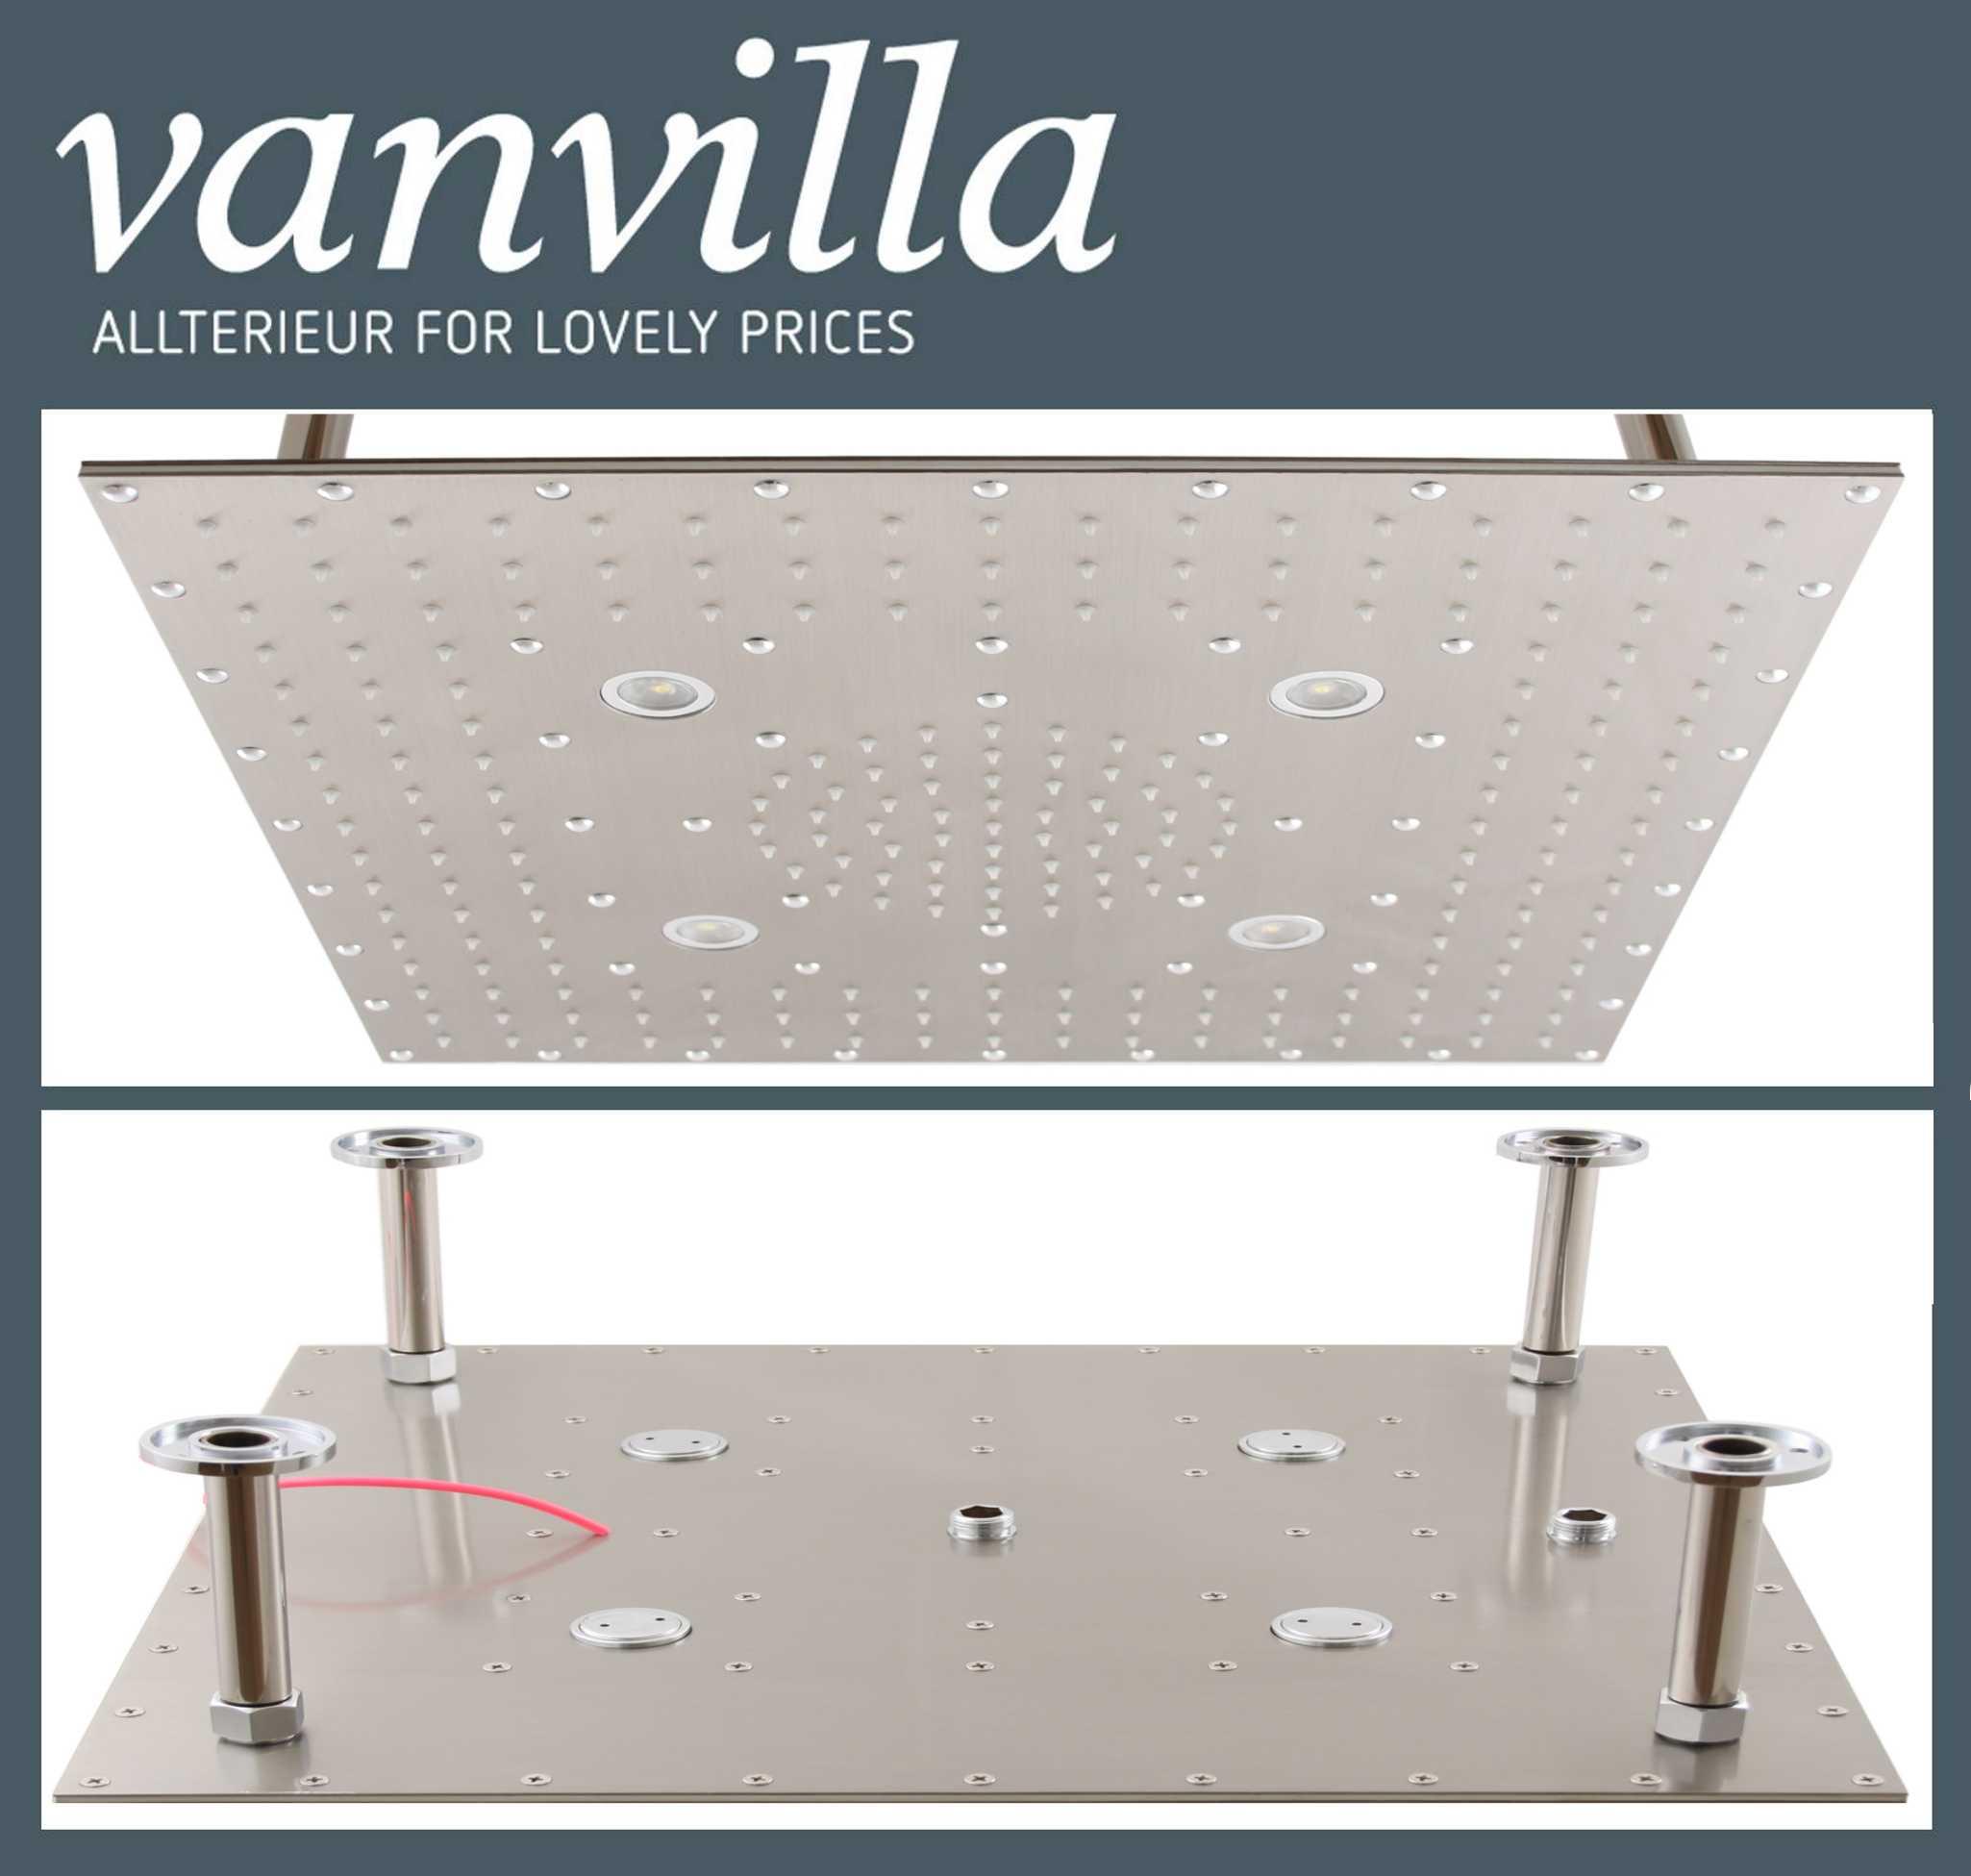 Duschkopf vanvilla Slim Design LED, 50cm x 50cm Edelstahl gebürstet ...